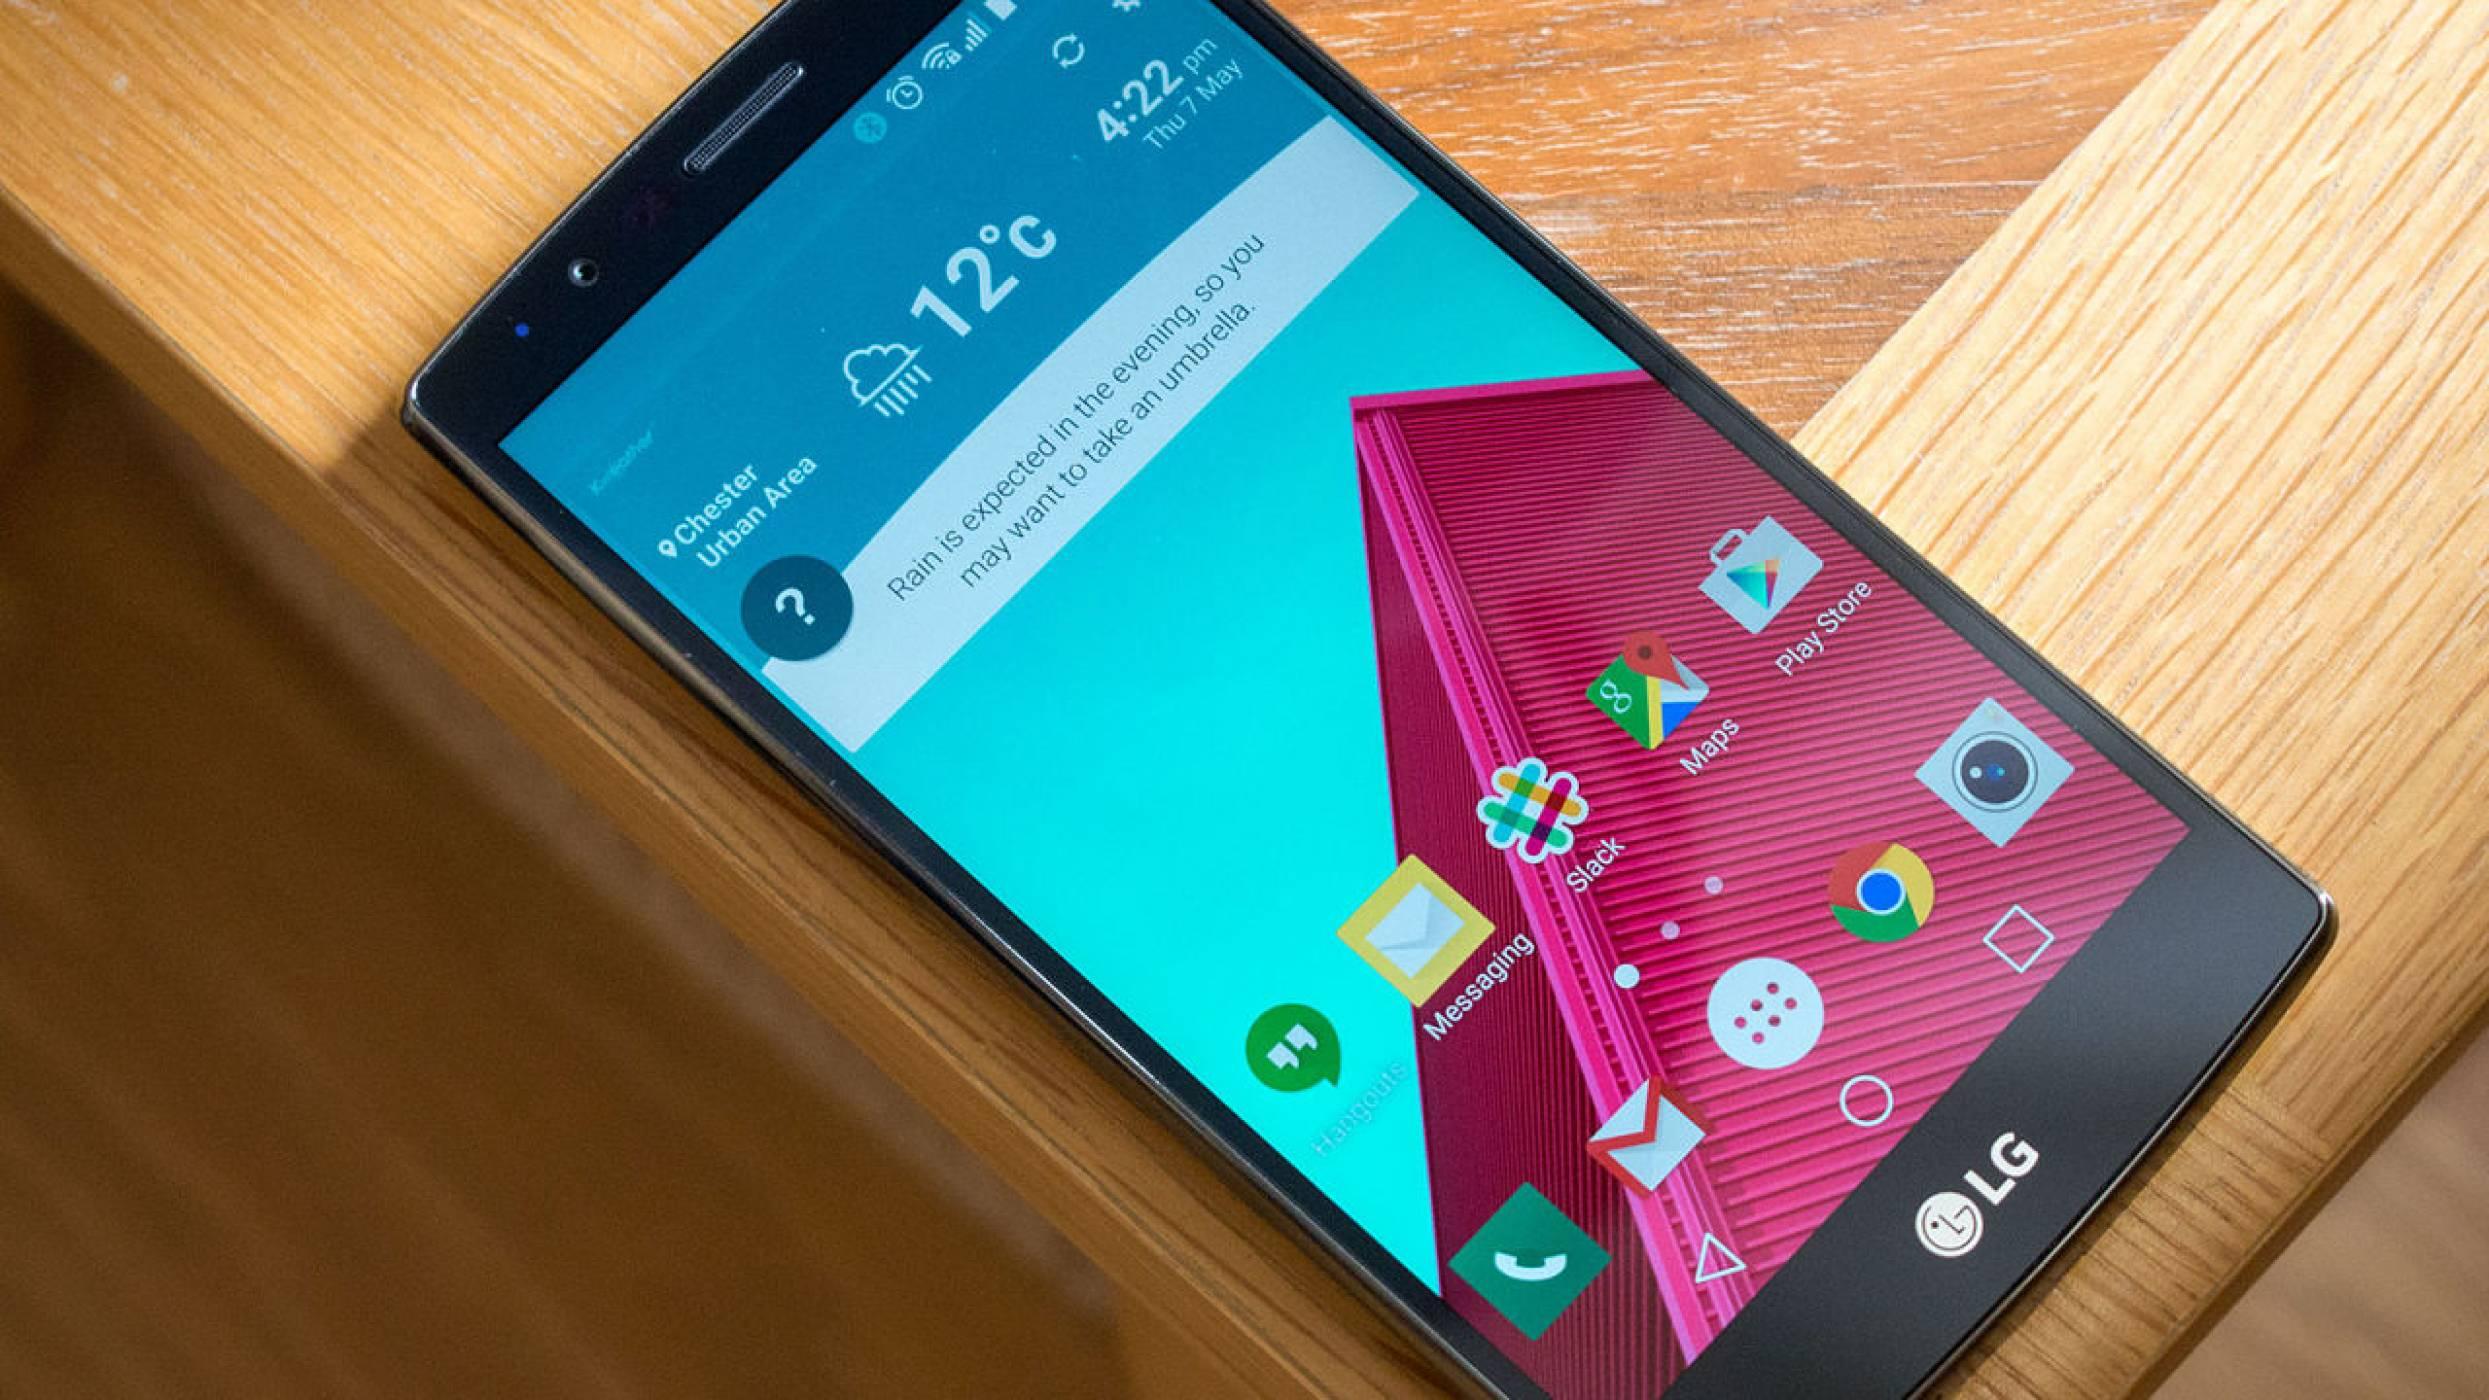 LG G6 е първият телефон с HDR и Dolby Vision сертификат от Netflix